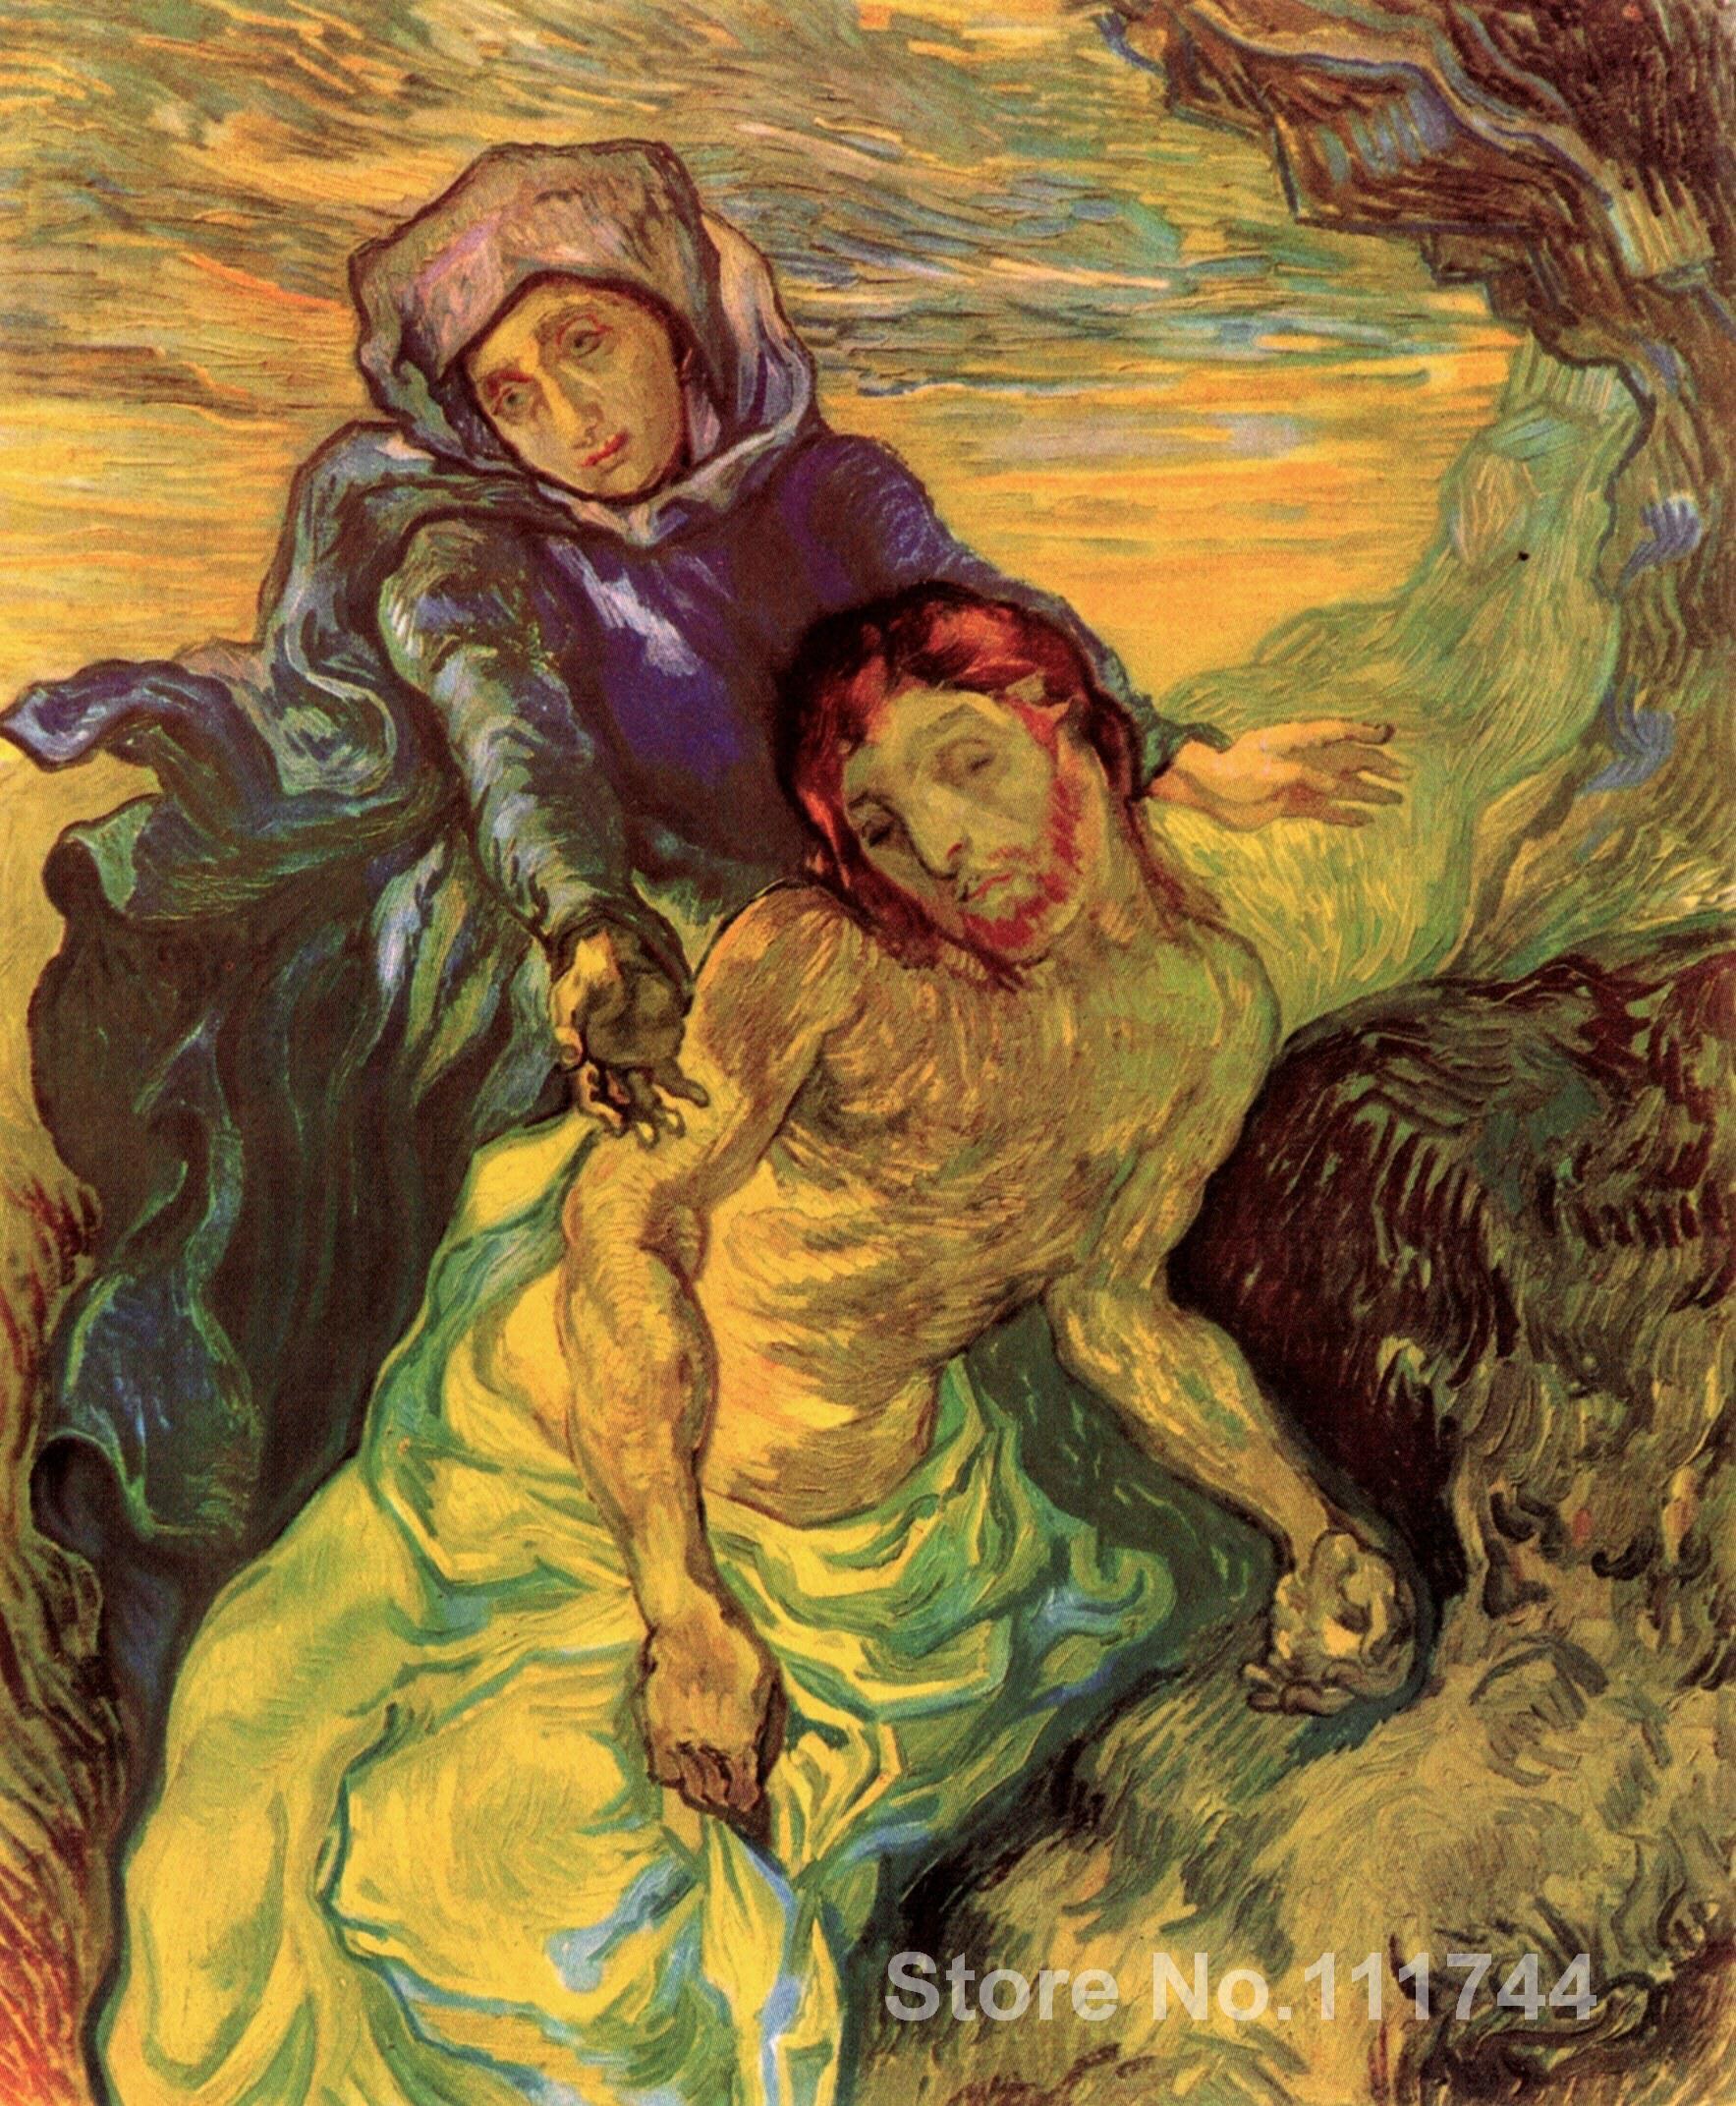 US $85.6 20% di SCONTO|Famoso Vincent Van Gogh dipinti di arte per la  camera da letto PIETÀ dipinto A Mano di Alta qualità-in Pittura e  calligrafia da ...